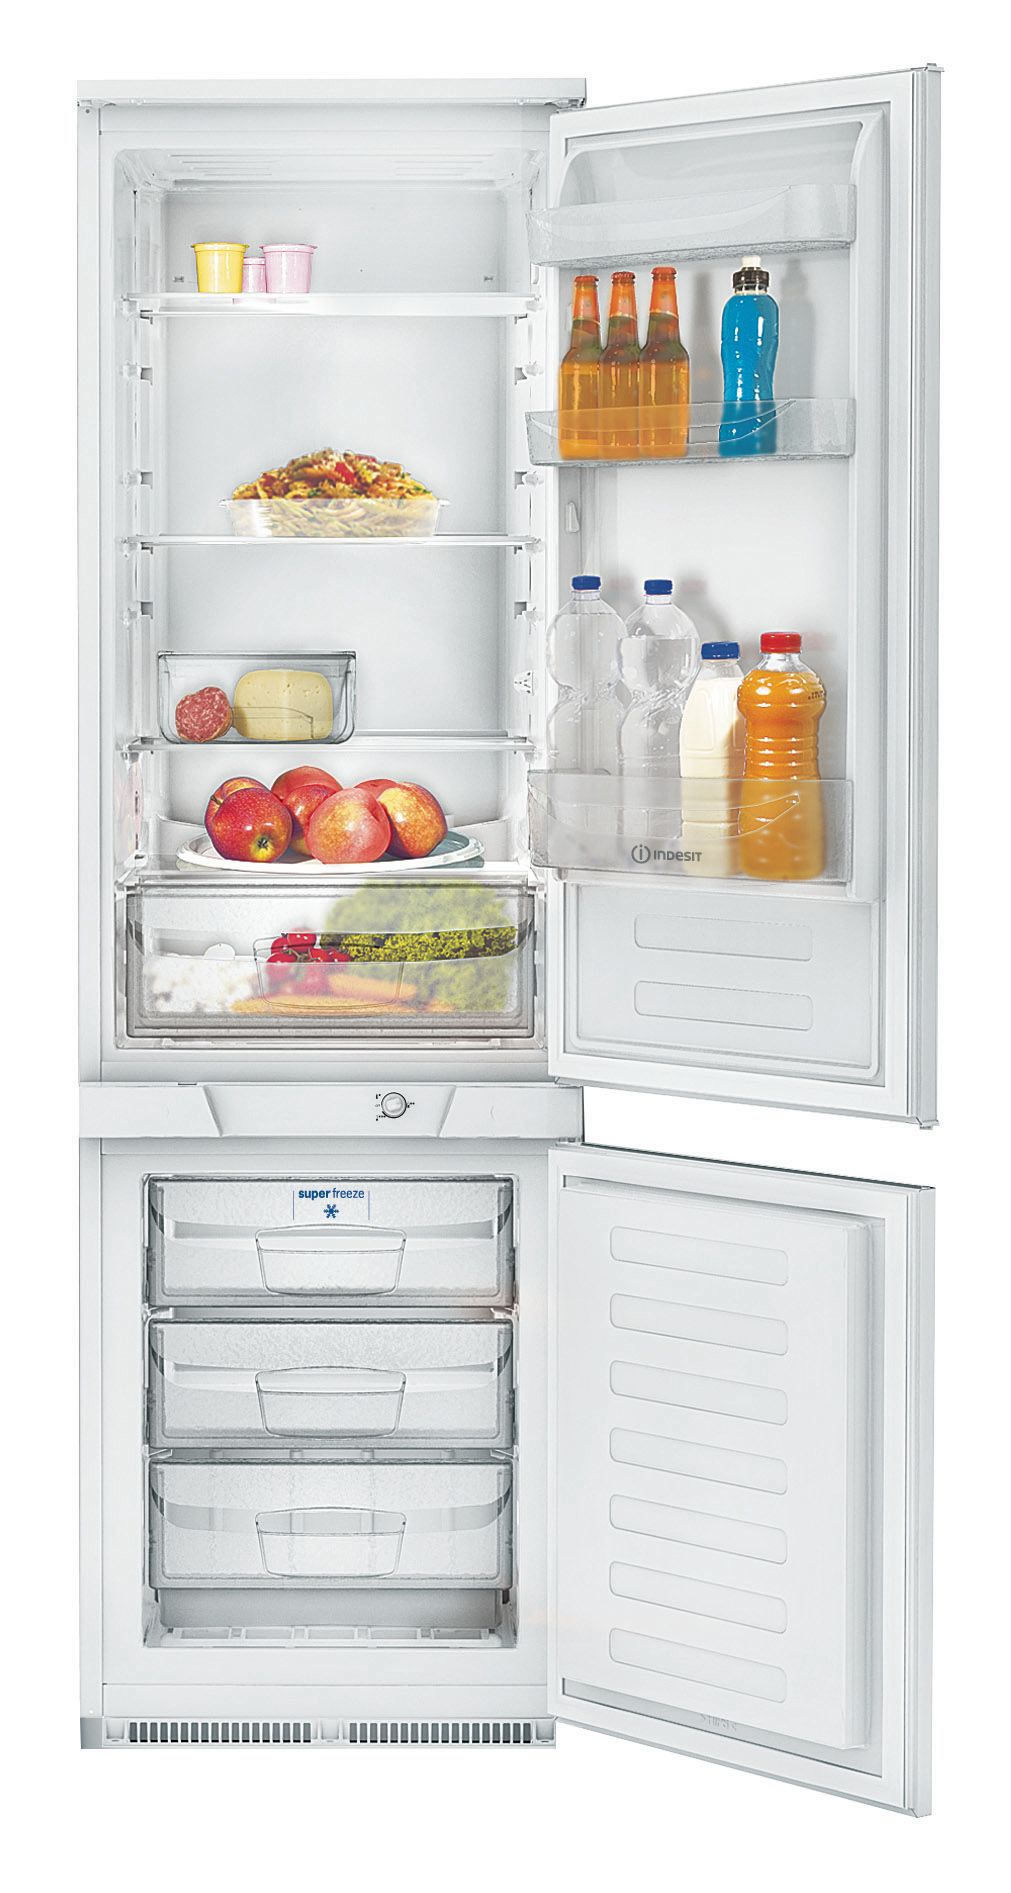 vgradni hladilnik kot alternativa